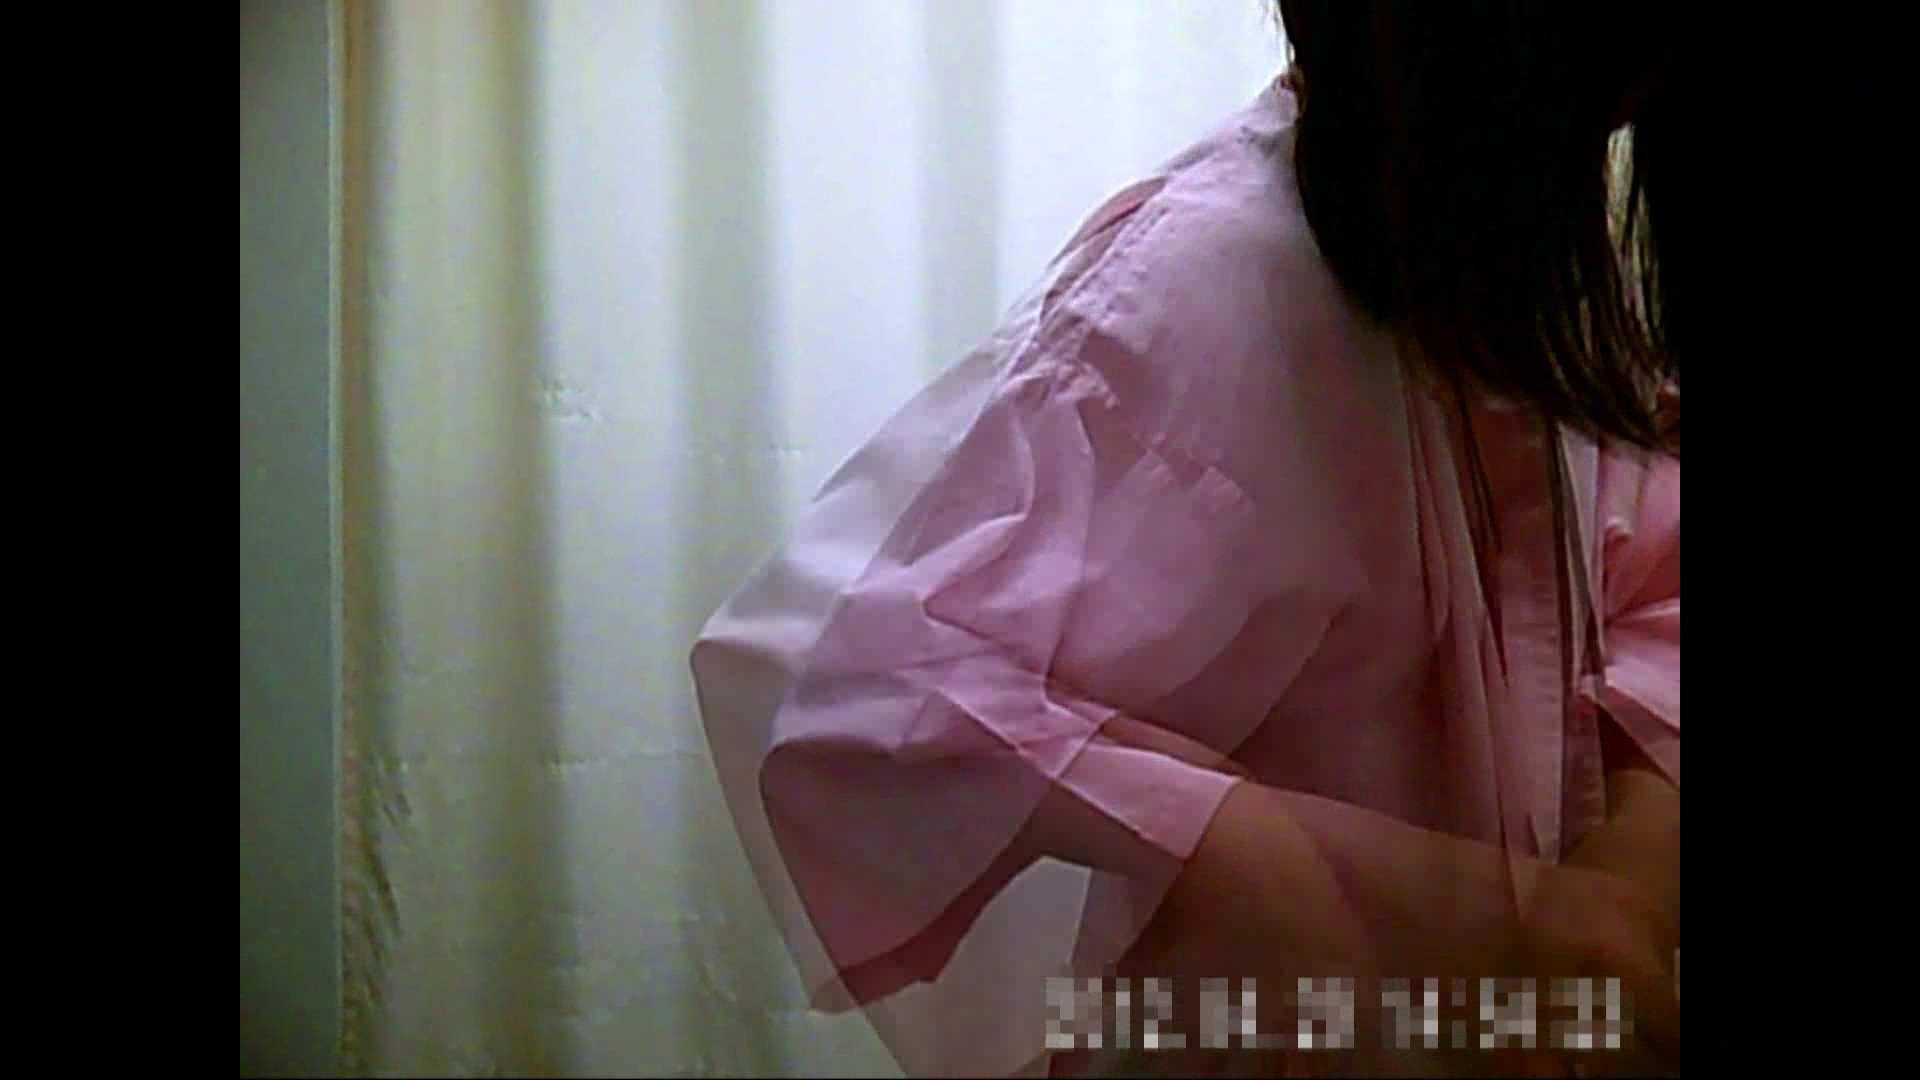 元医者による反抗 更衣室地獄絵巻 vol.013 OL | 0  59連発 11